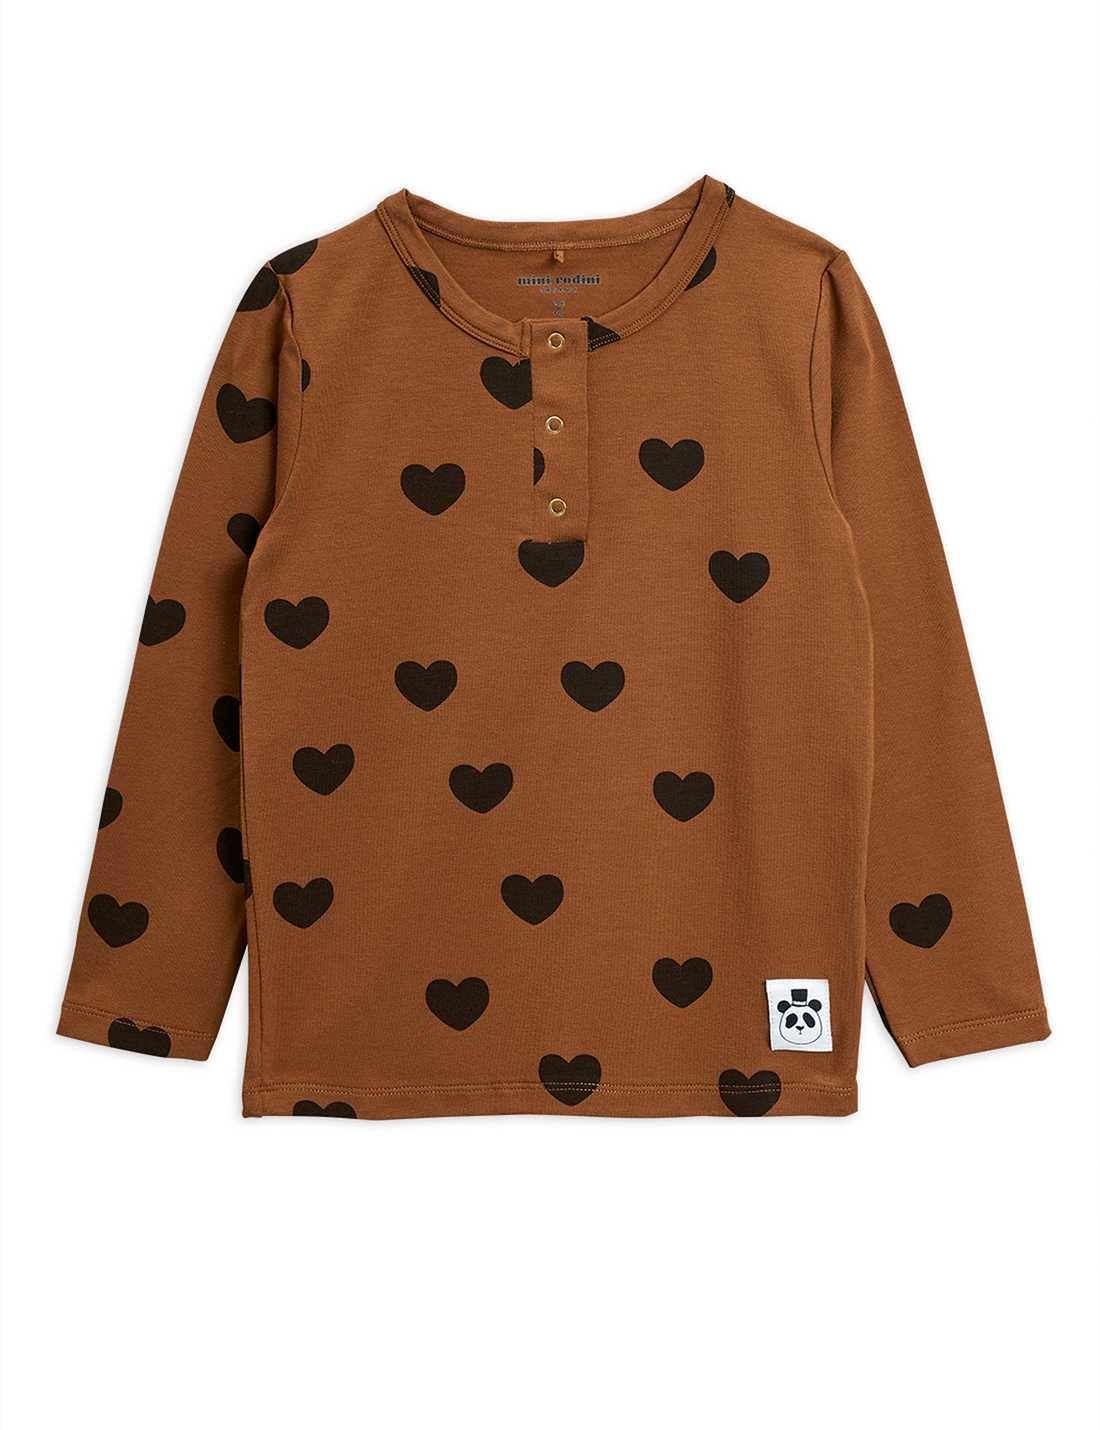 Hearts grandpa - Brown-1